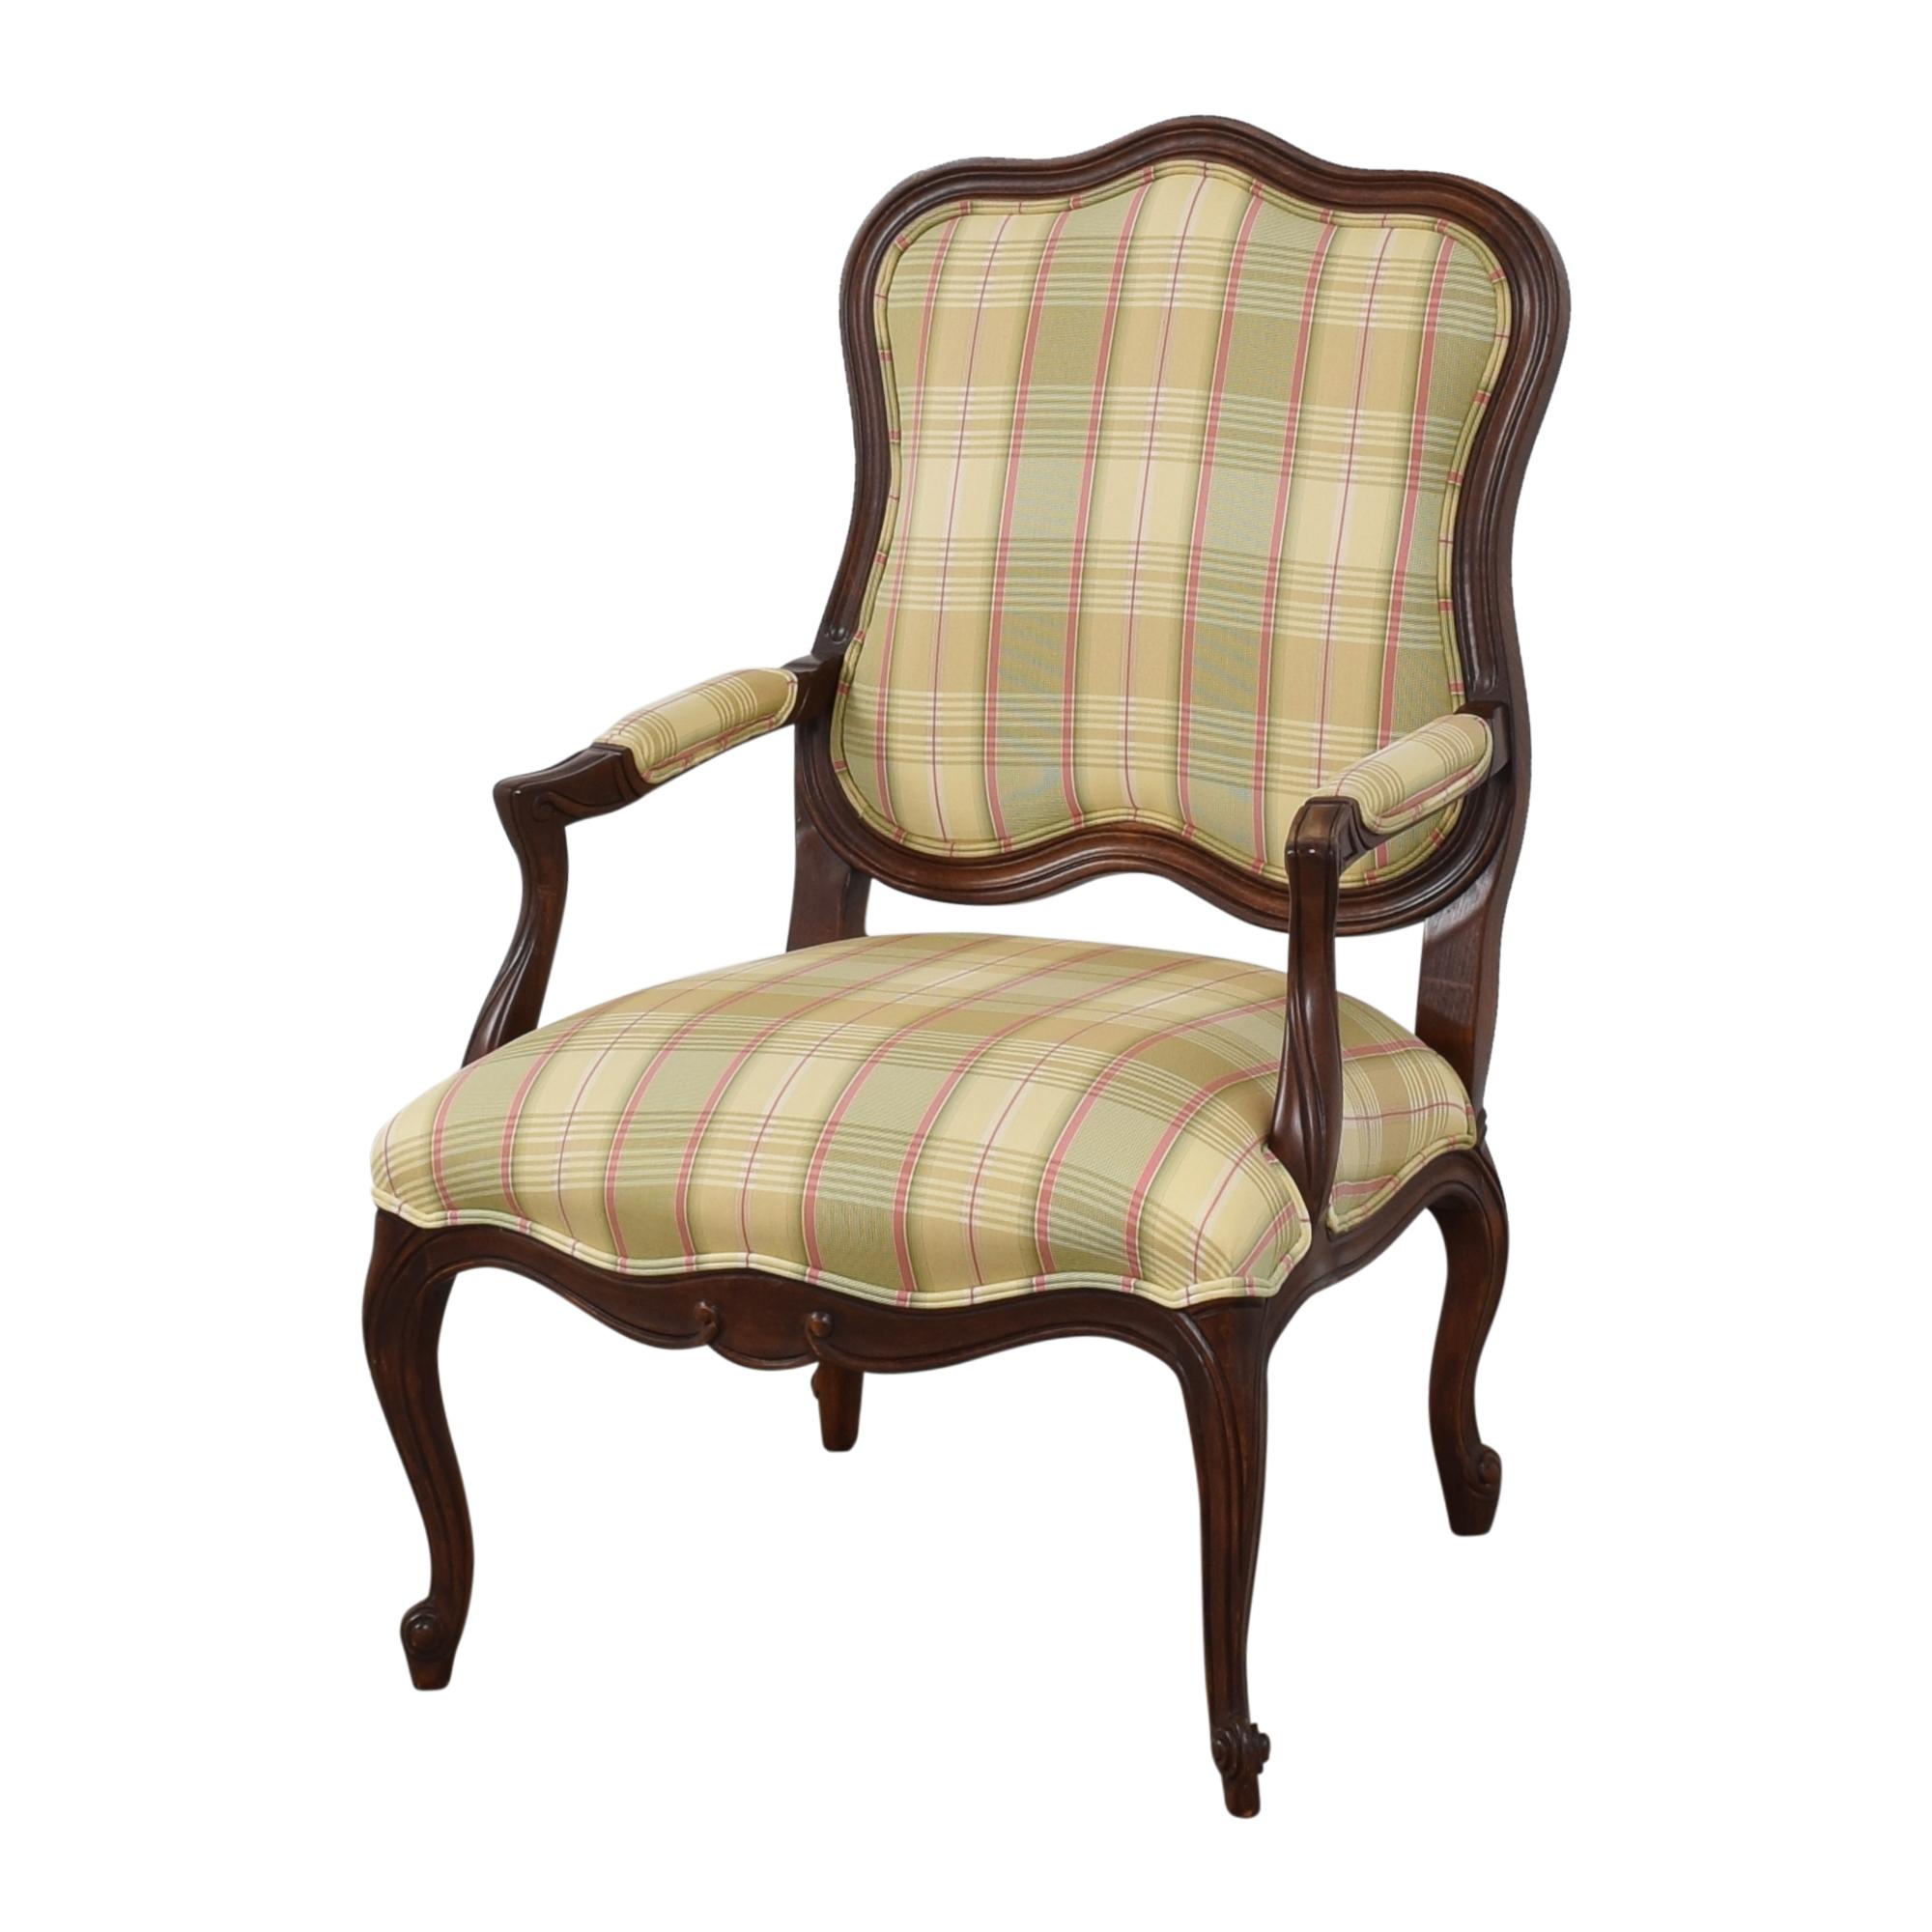 Ethan Allen Ethan Allen Chantel Chair pa